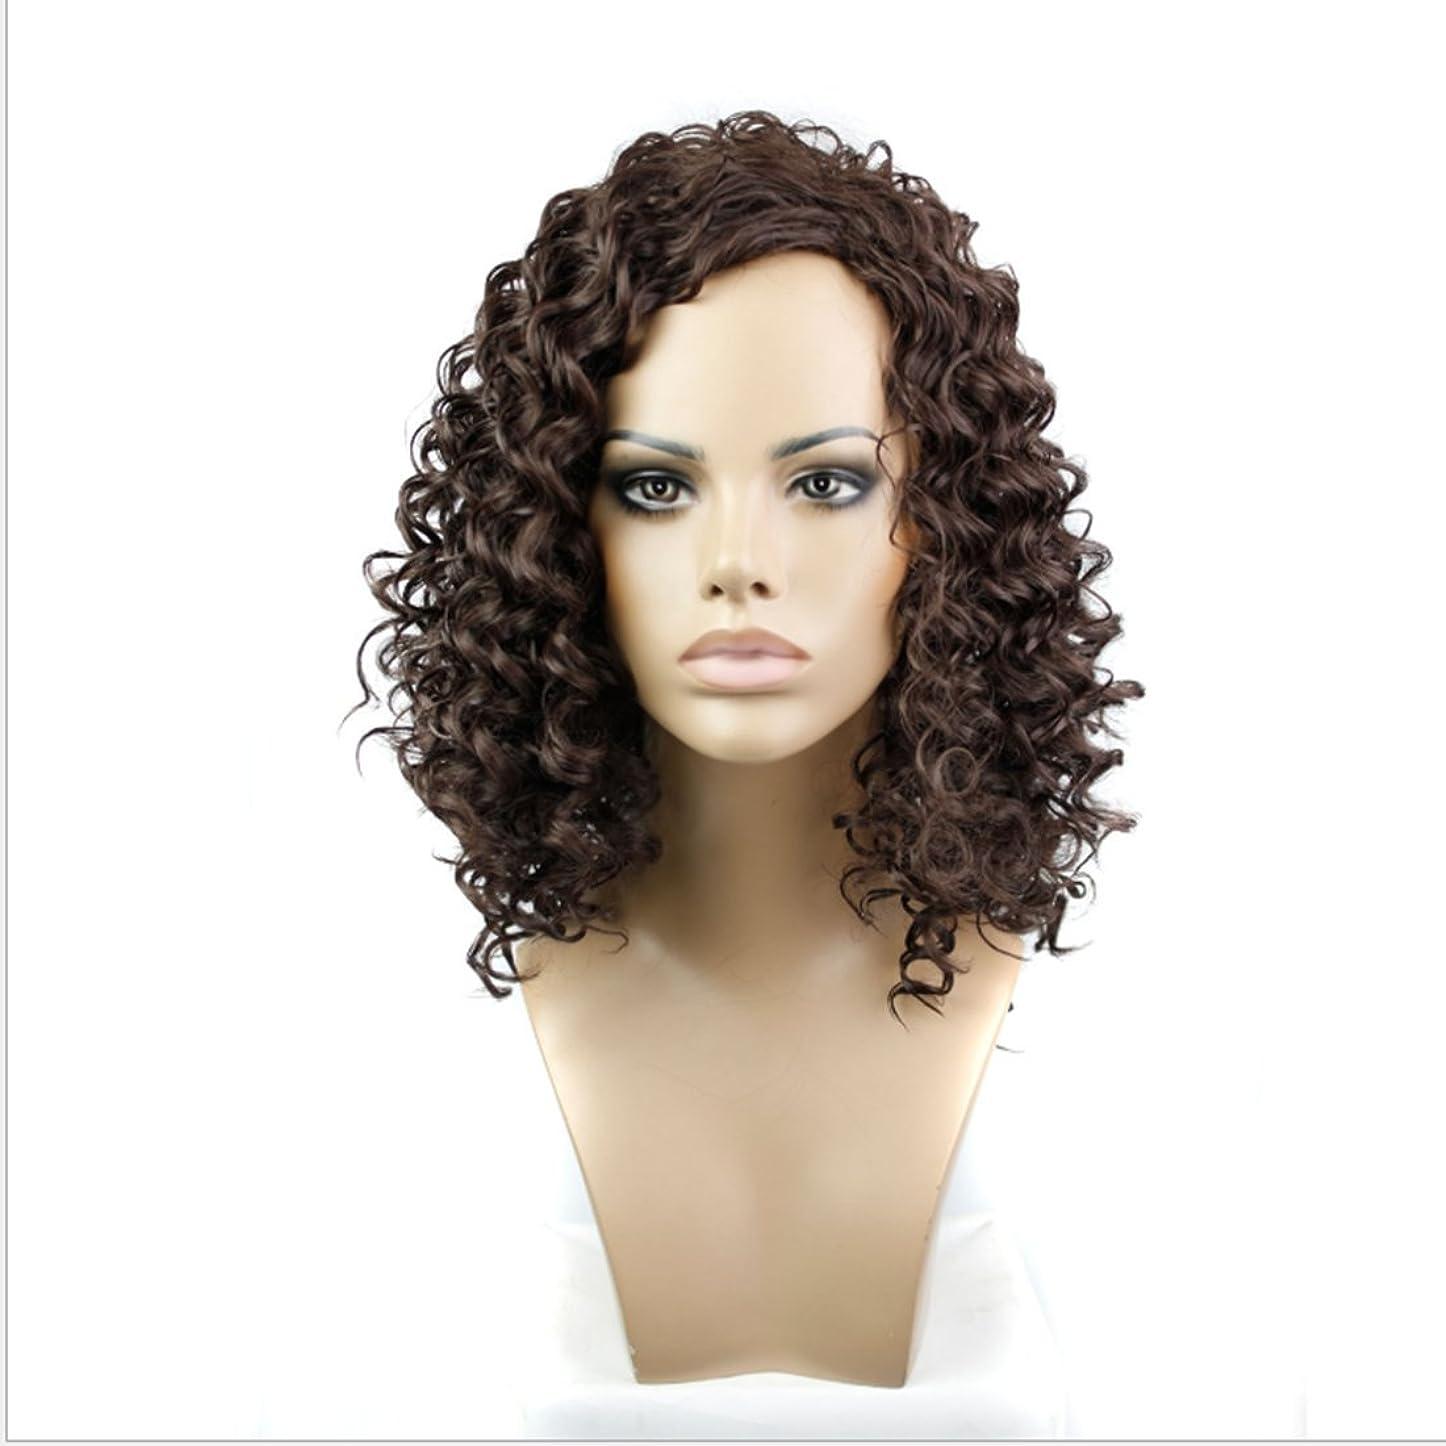 バイナリ通信する織機JIANFU 女性のための合成カーリーヘアウィッグショートスモールヘアブラウンブラック耐熱高温15inch / 180g (Color : Brownish black)